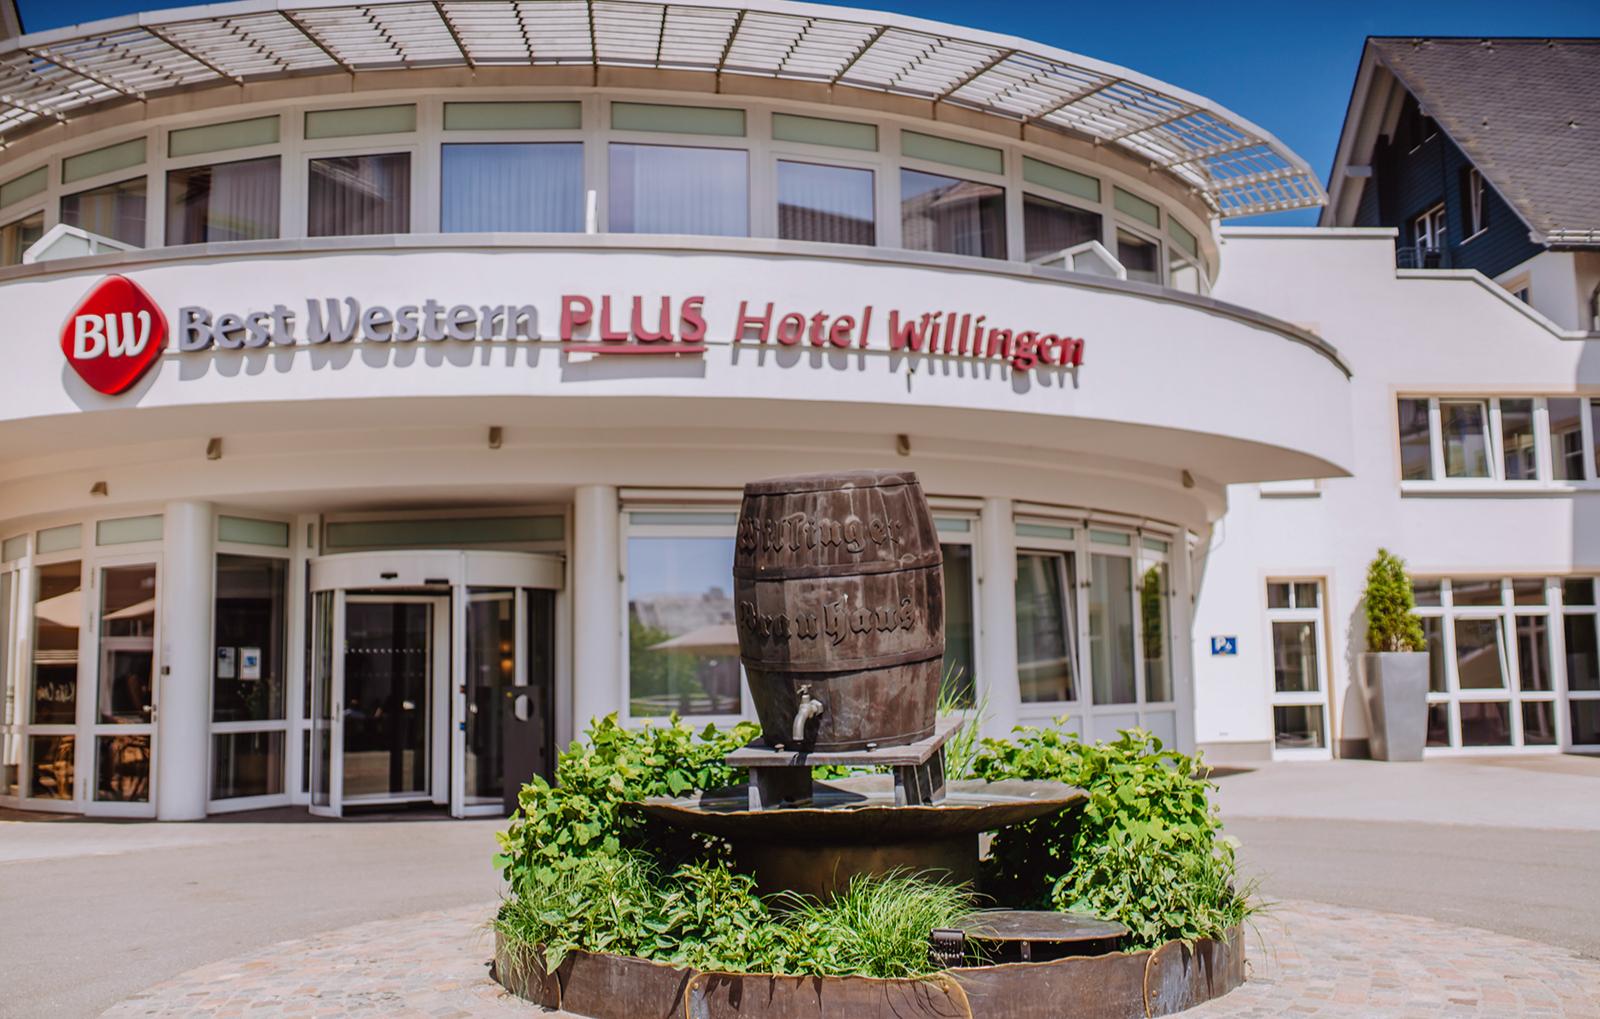 wellnesshotels-1-uen-bg10